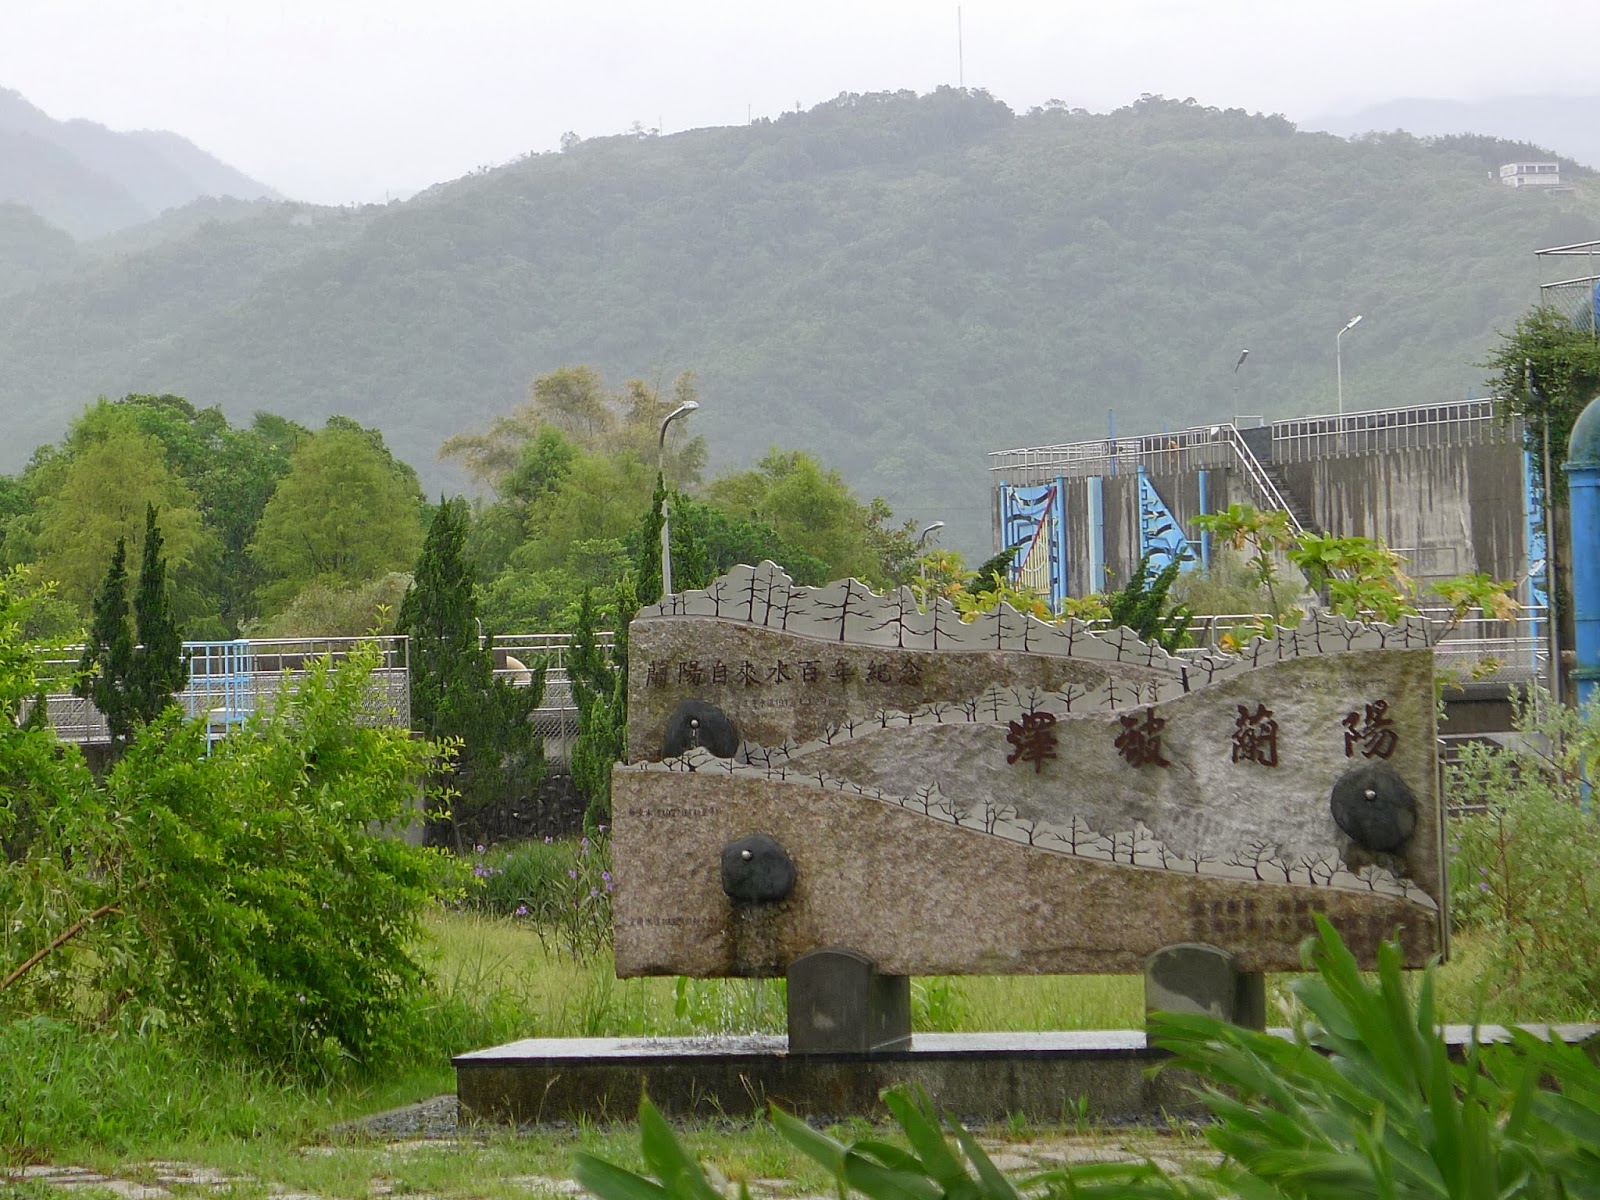 員山生態教育館: 湧泉般川流不息的熱情。深溝水源生態園區(深溝給水廠)